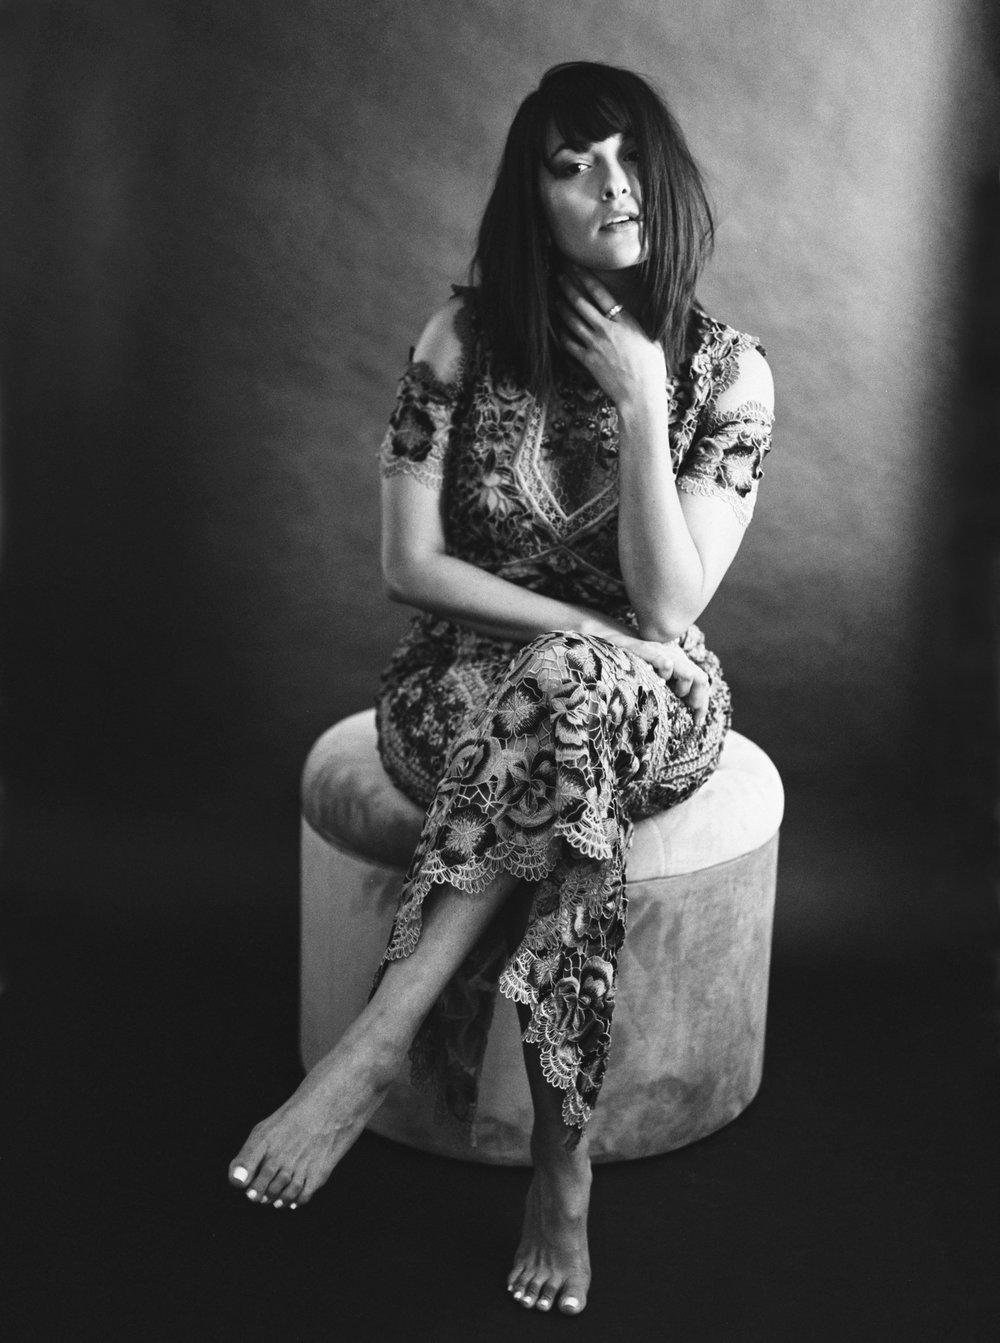 photo miami studio photographer denice lachapelle photography